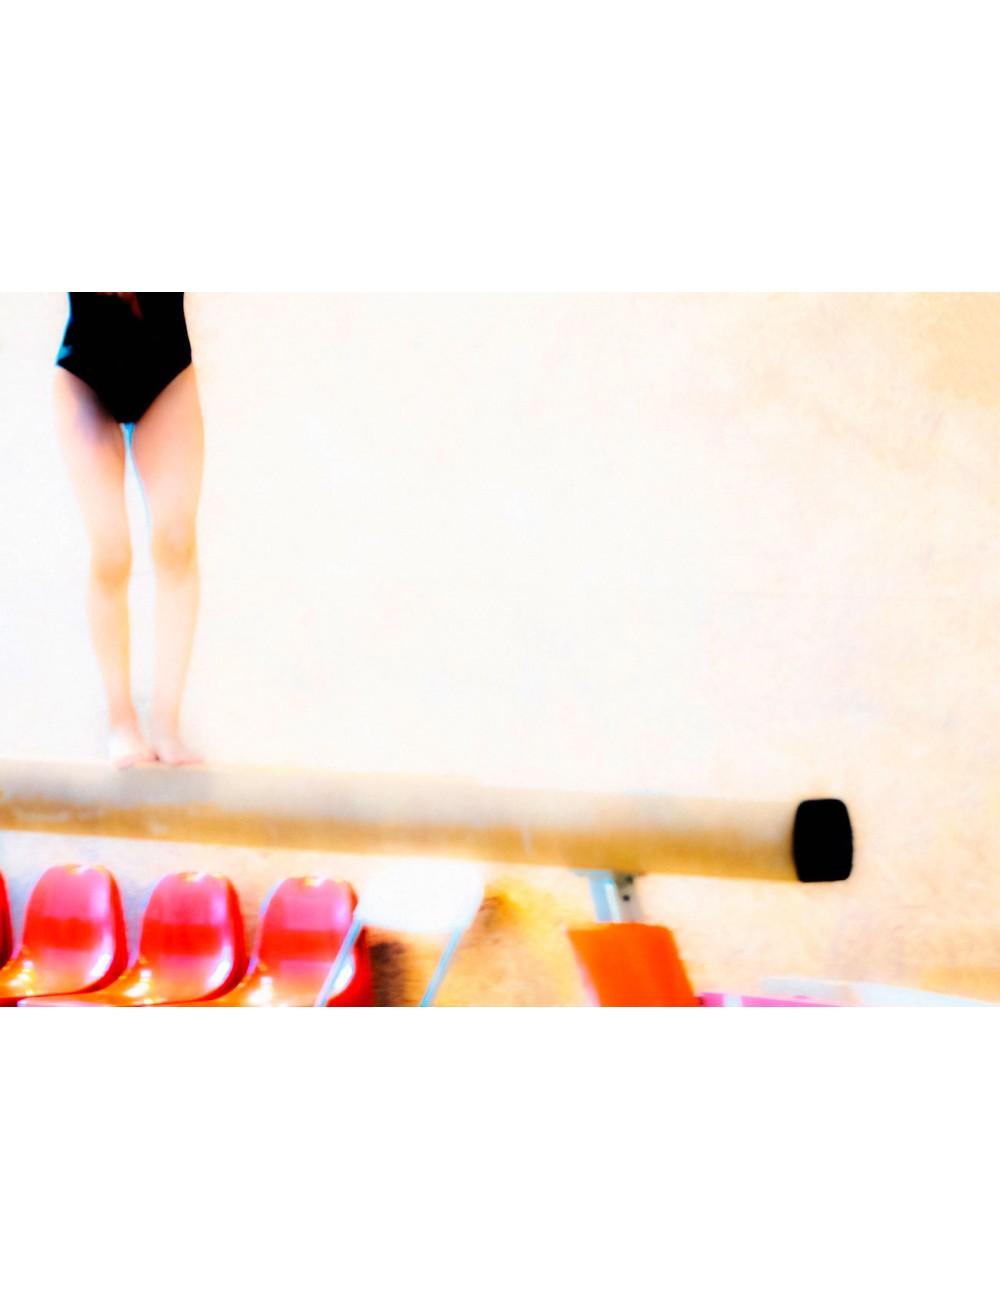 En équilibre photo d'Anne Eliayan & Christian Pic